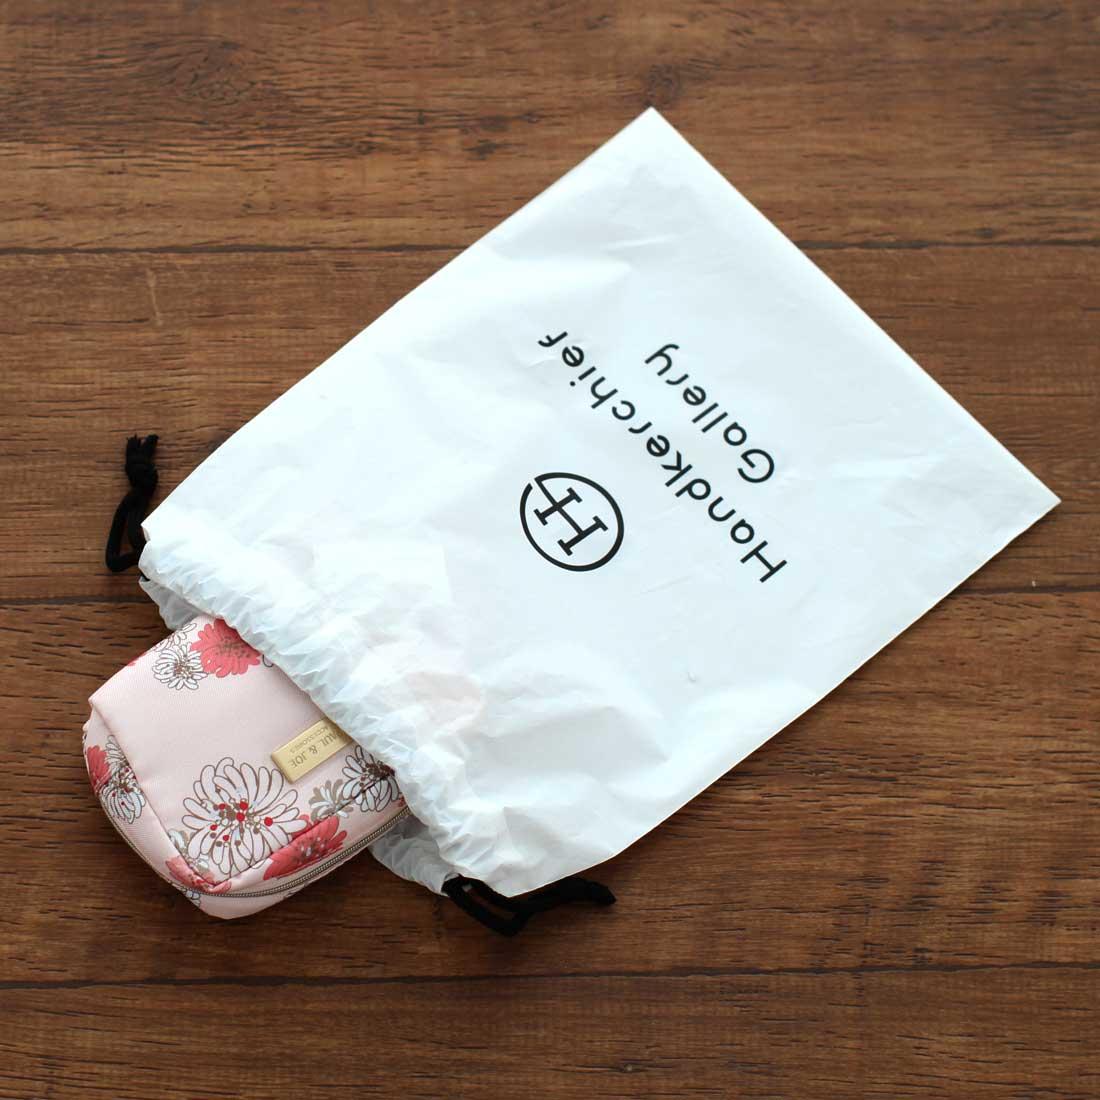 ハンカチーフギャラリー無料袋(雑貨用)